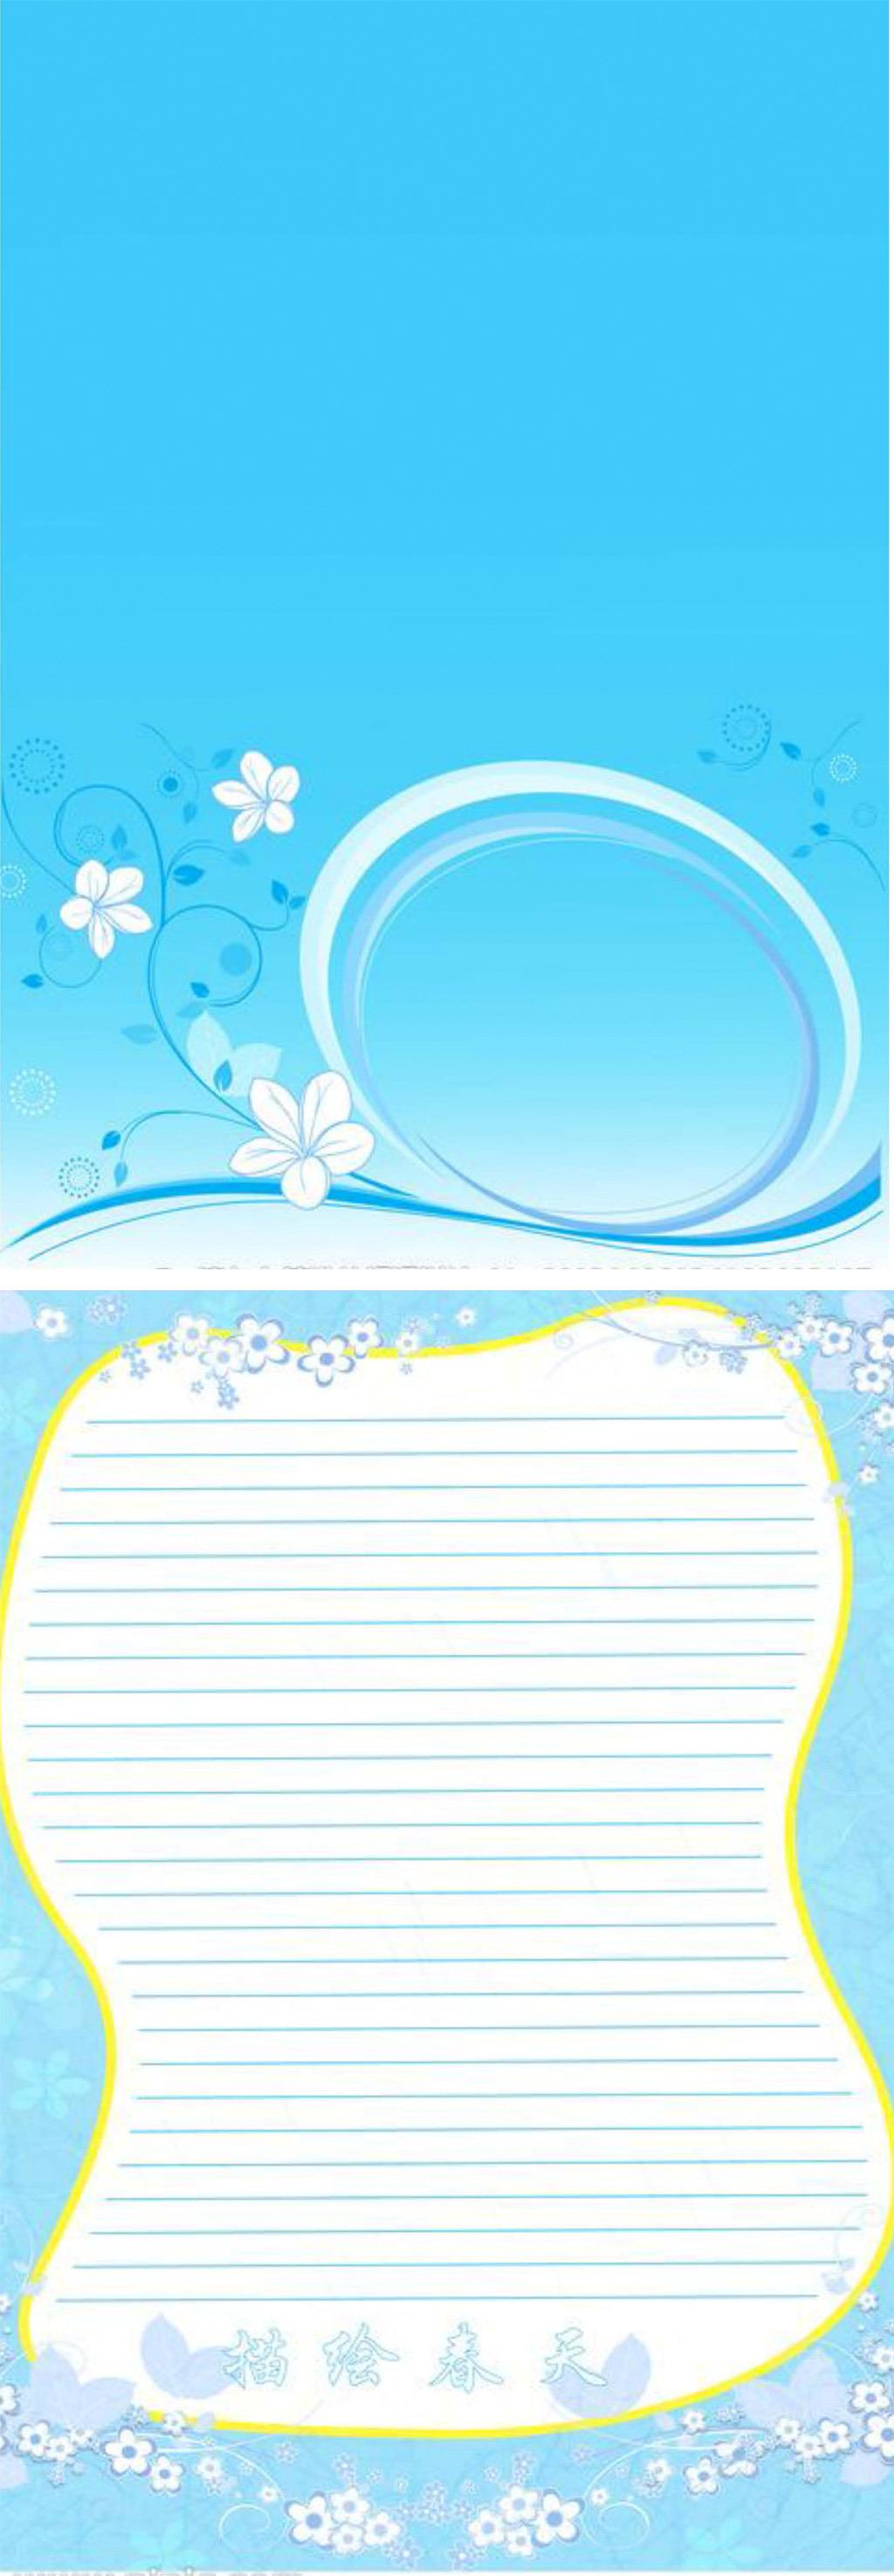 清新淡雅蓝色花朵信纸背景